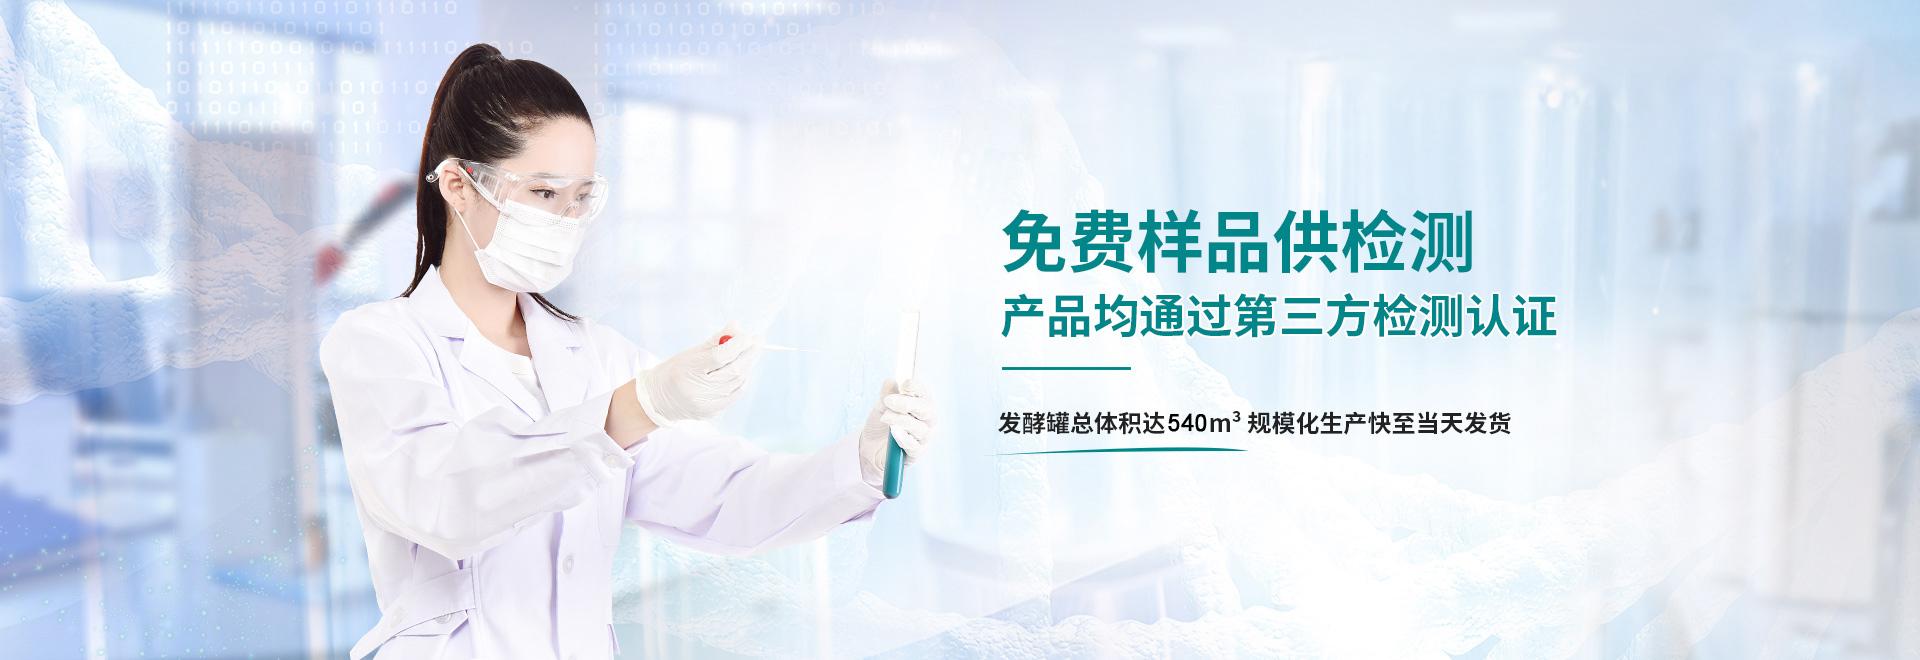 绿科生物致力于成为中国微生物发酵产品赢领品牌